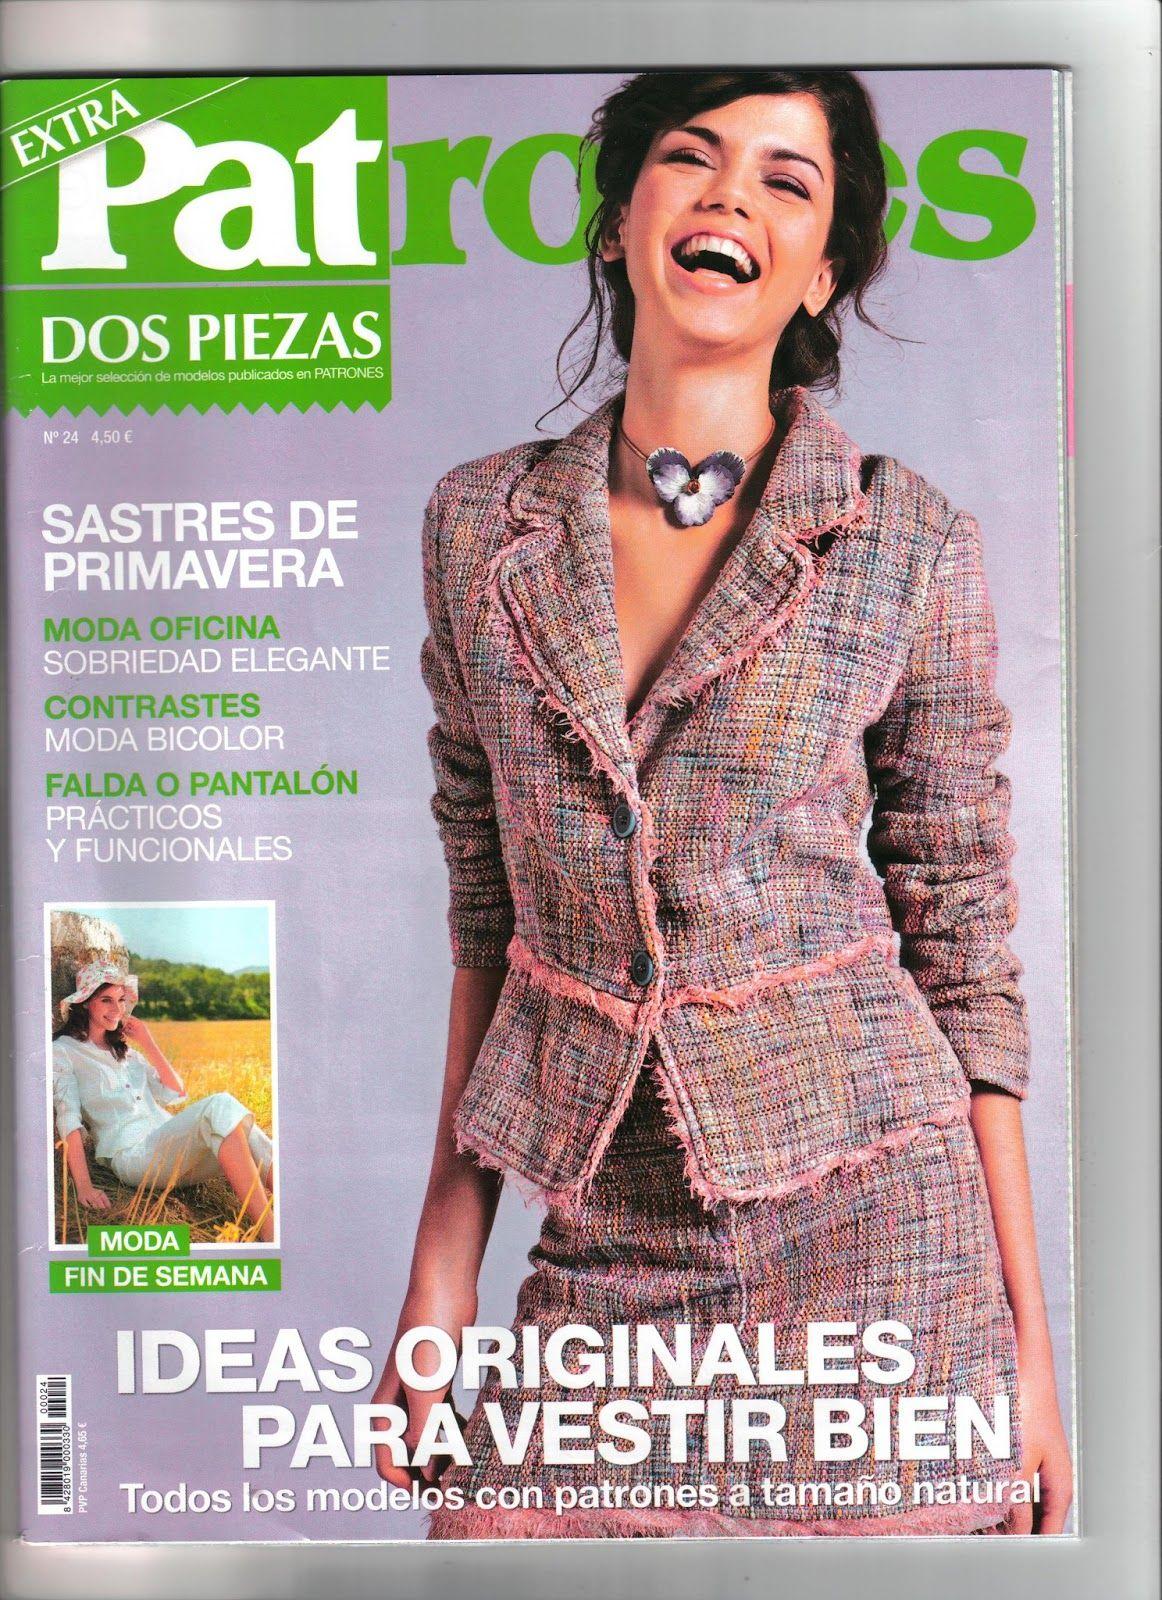 Yo Elijo Coser Chaqueta De La Revista Patrones Revistas De Costura Revistas De Moda Patrones De Vestidos